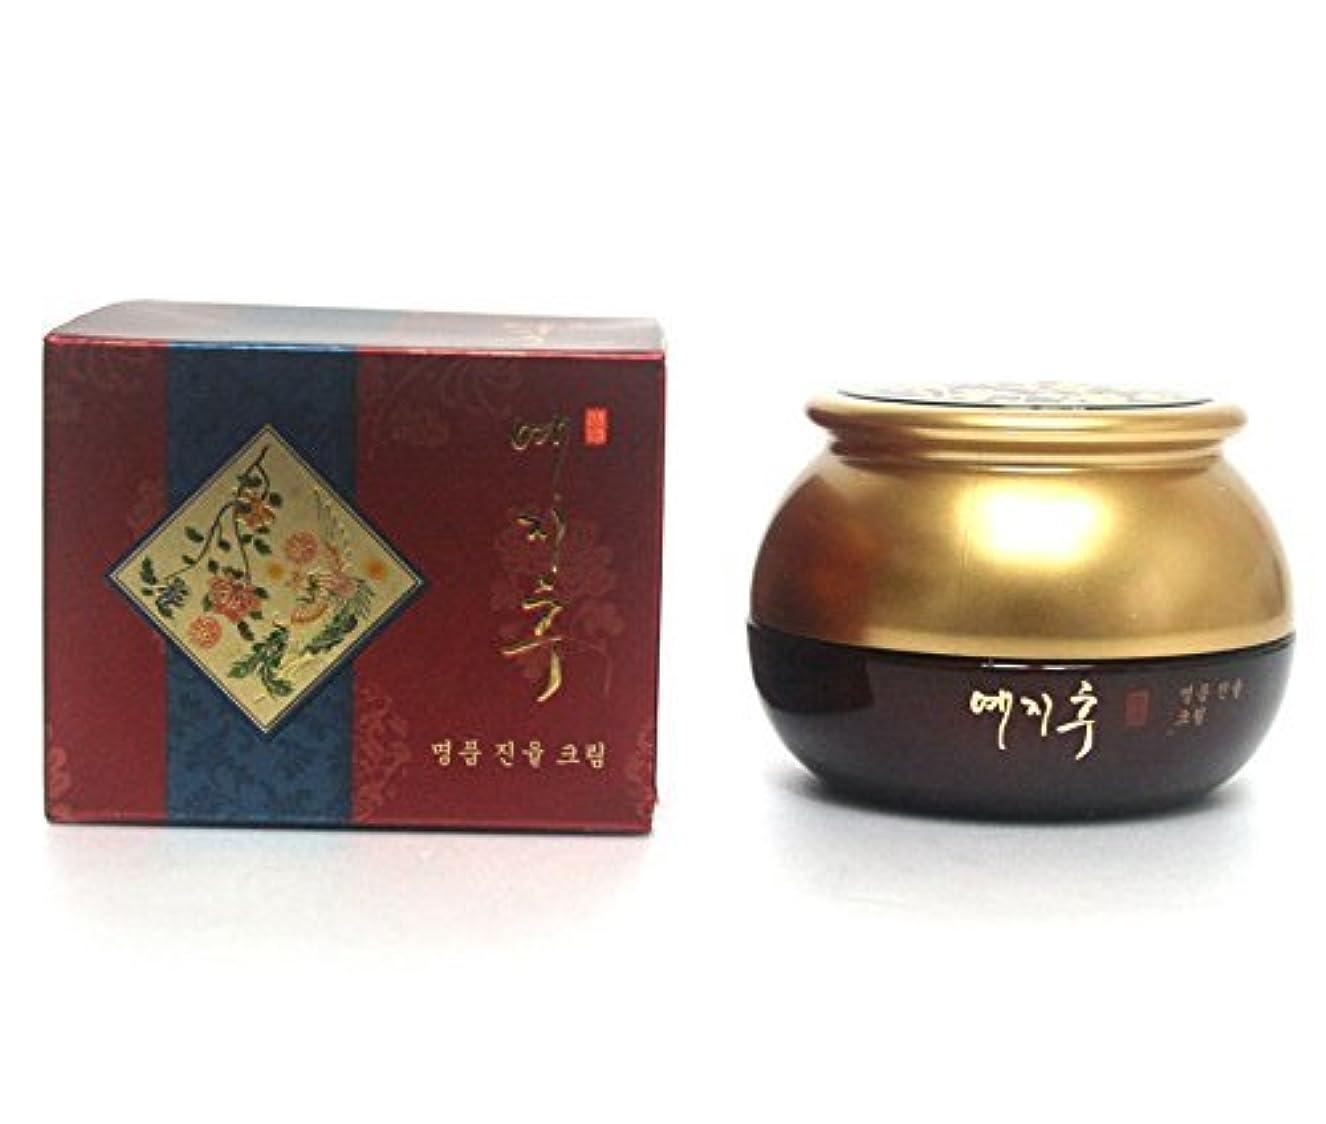 天窓飾る堤防[YEZIHU] 紅参クリーム50g / ナチュラルオリエンタルハーブ / 韓国化粧品 / RED Ginseng Cream 50g / Natural Oriental Herbs / Korean Cosmetics...